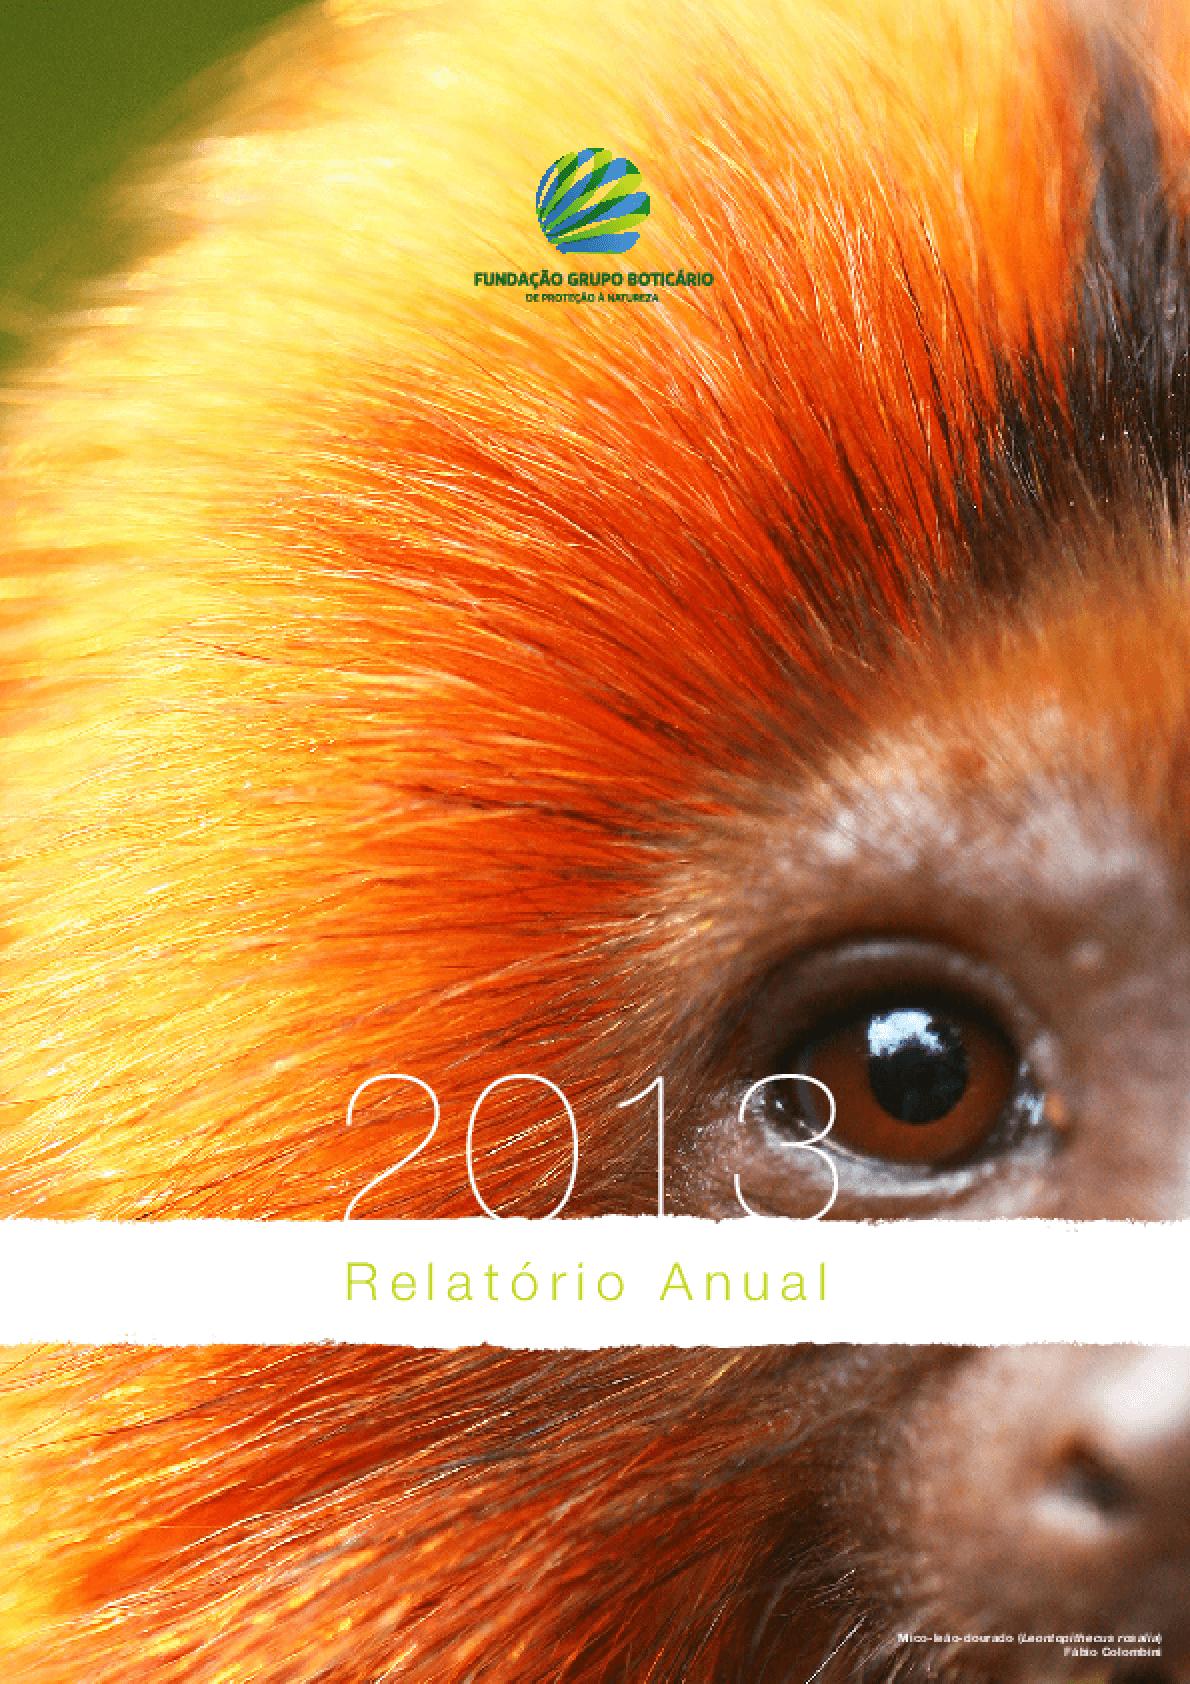 Relatório anual de atividades 2013 - Fundação Grupo Boticário